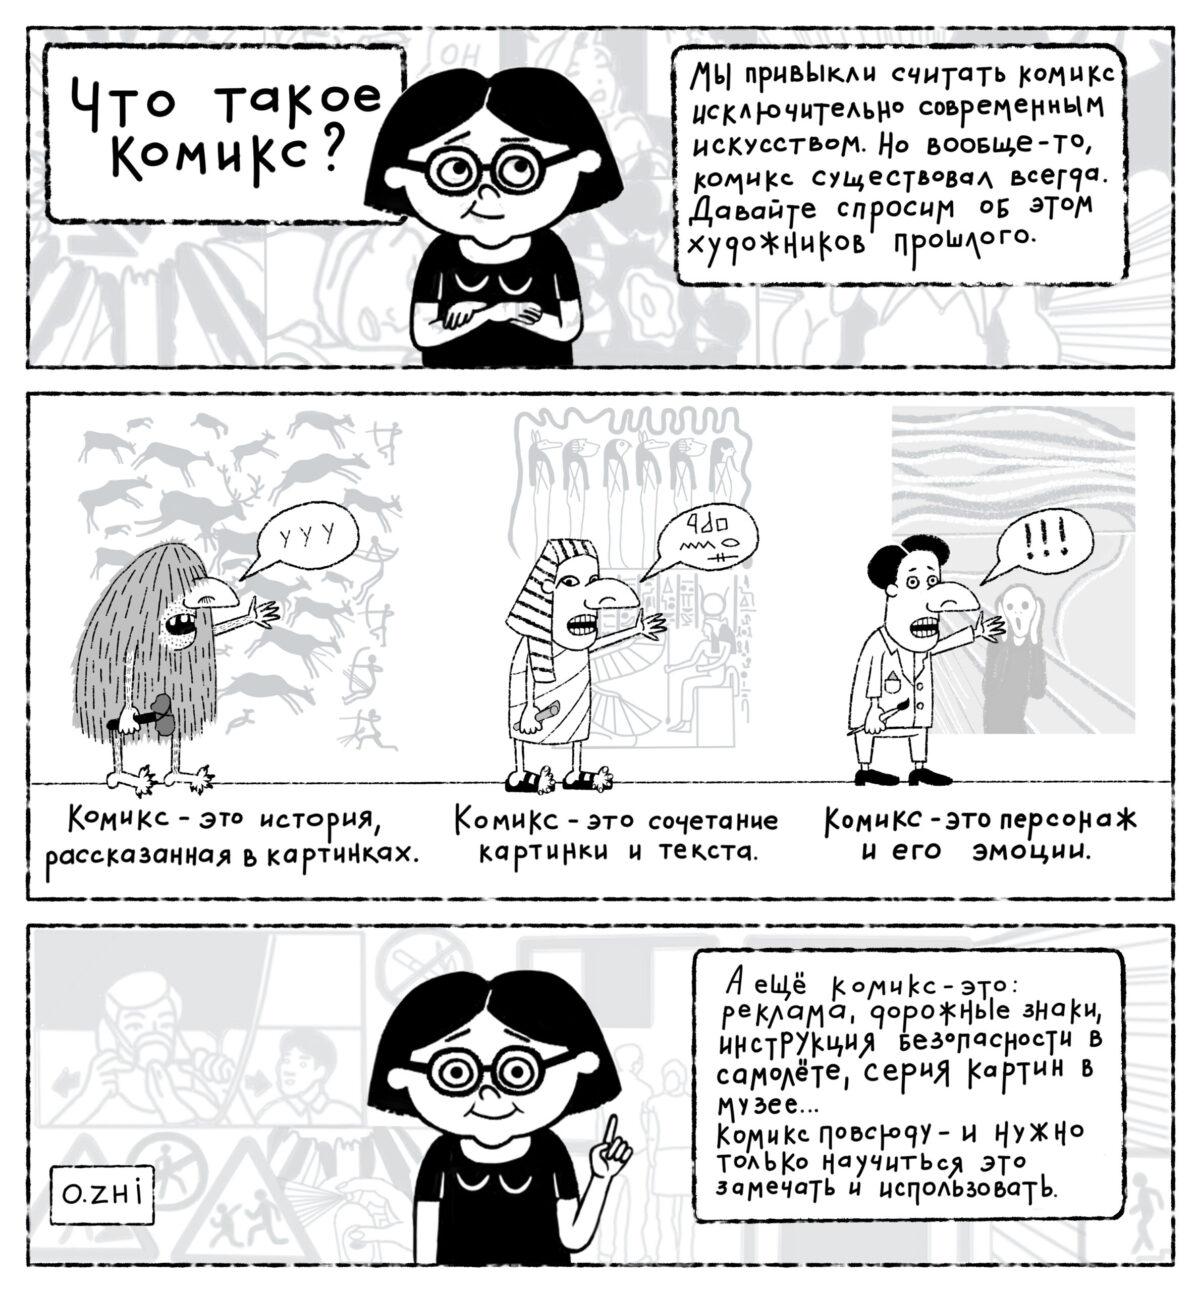 комиксы манга